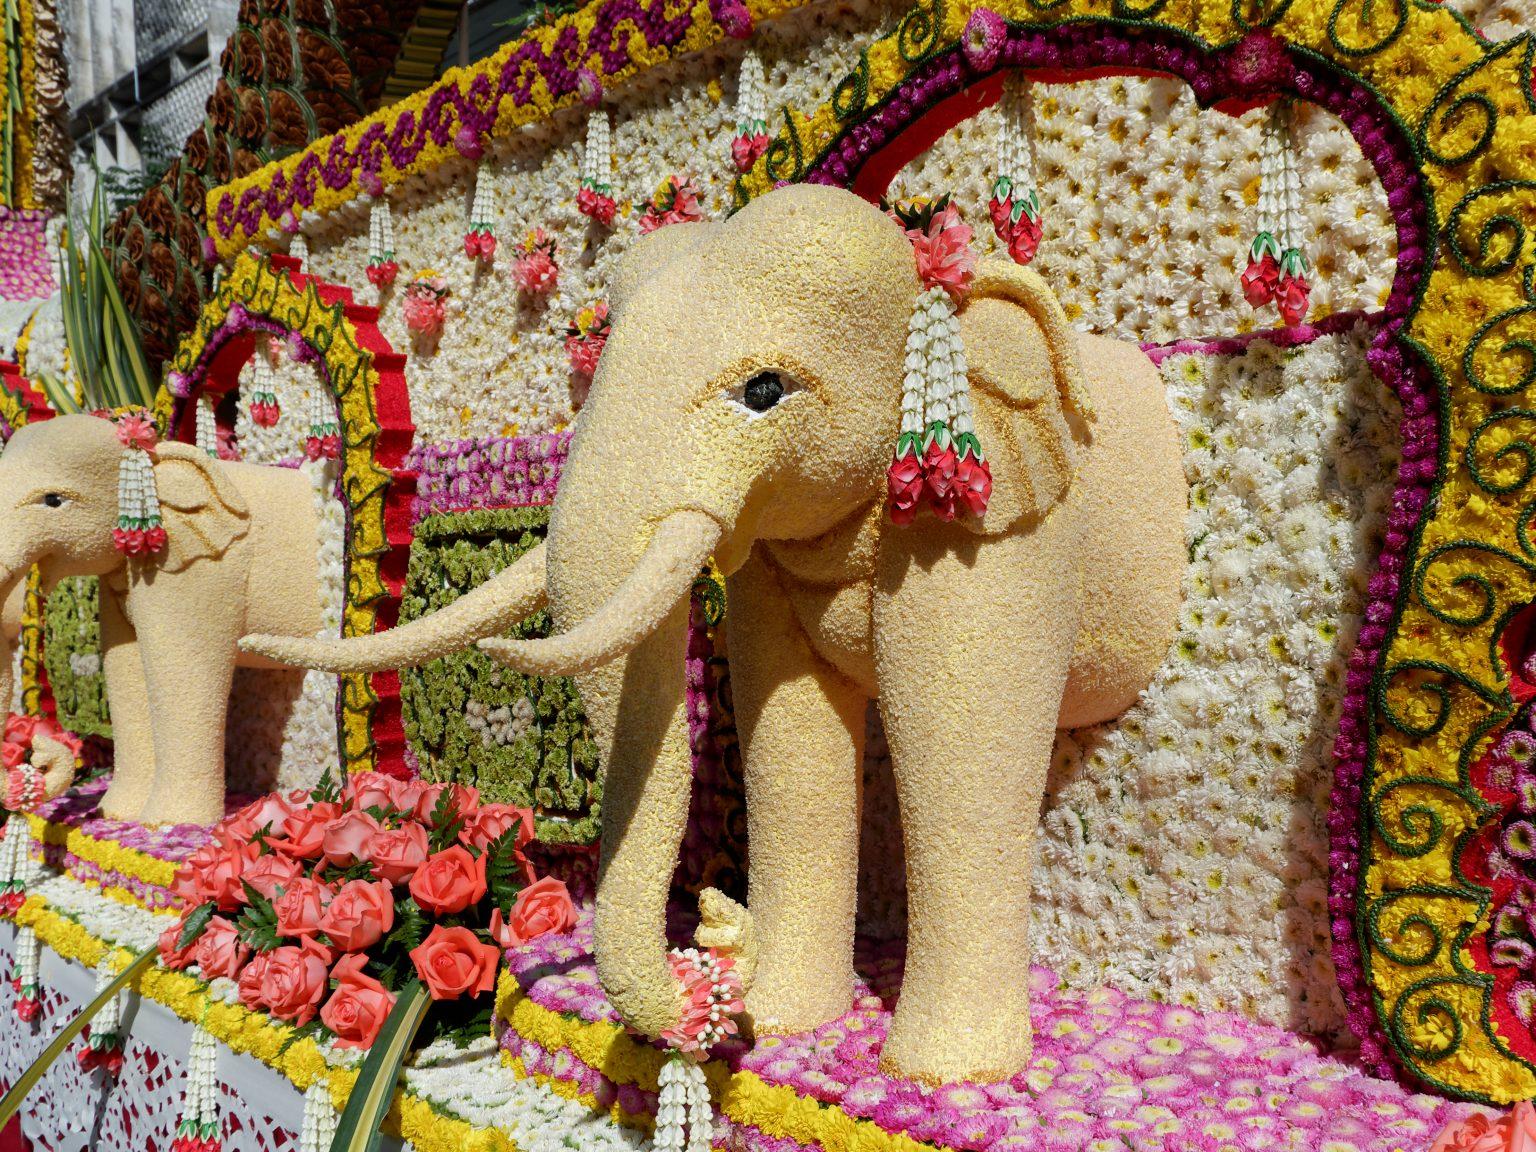 Flower Festivals Around The World to Attend in 2020